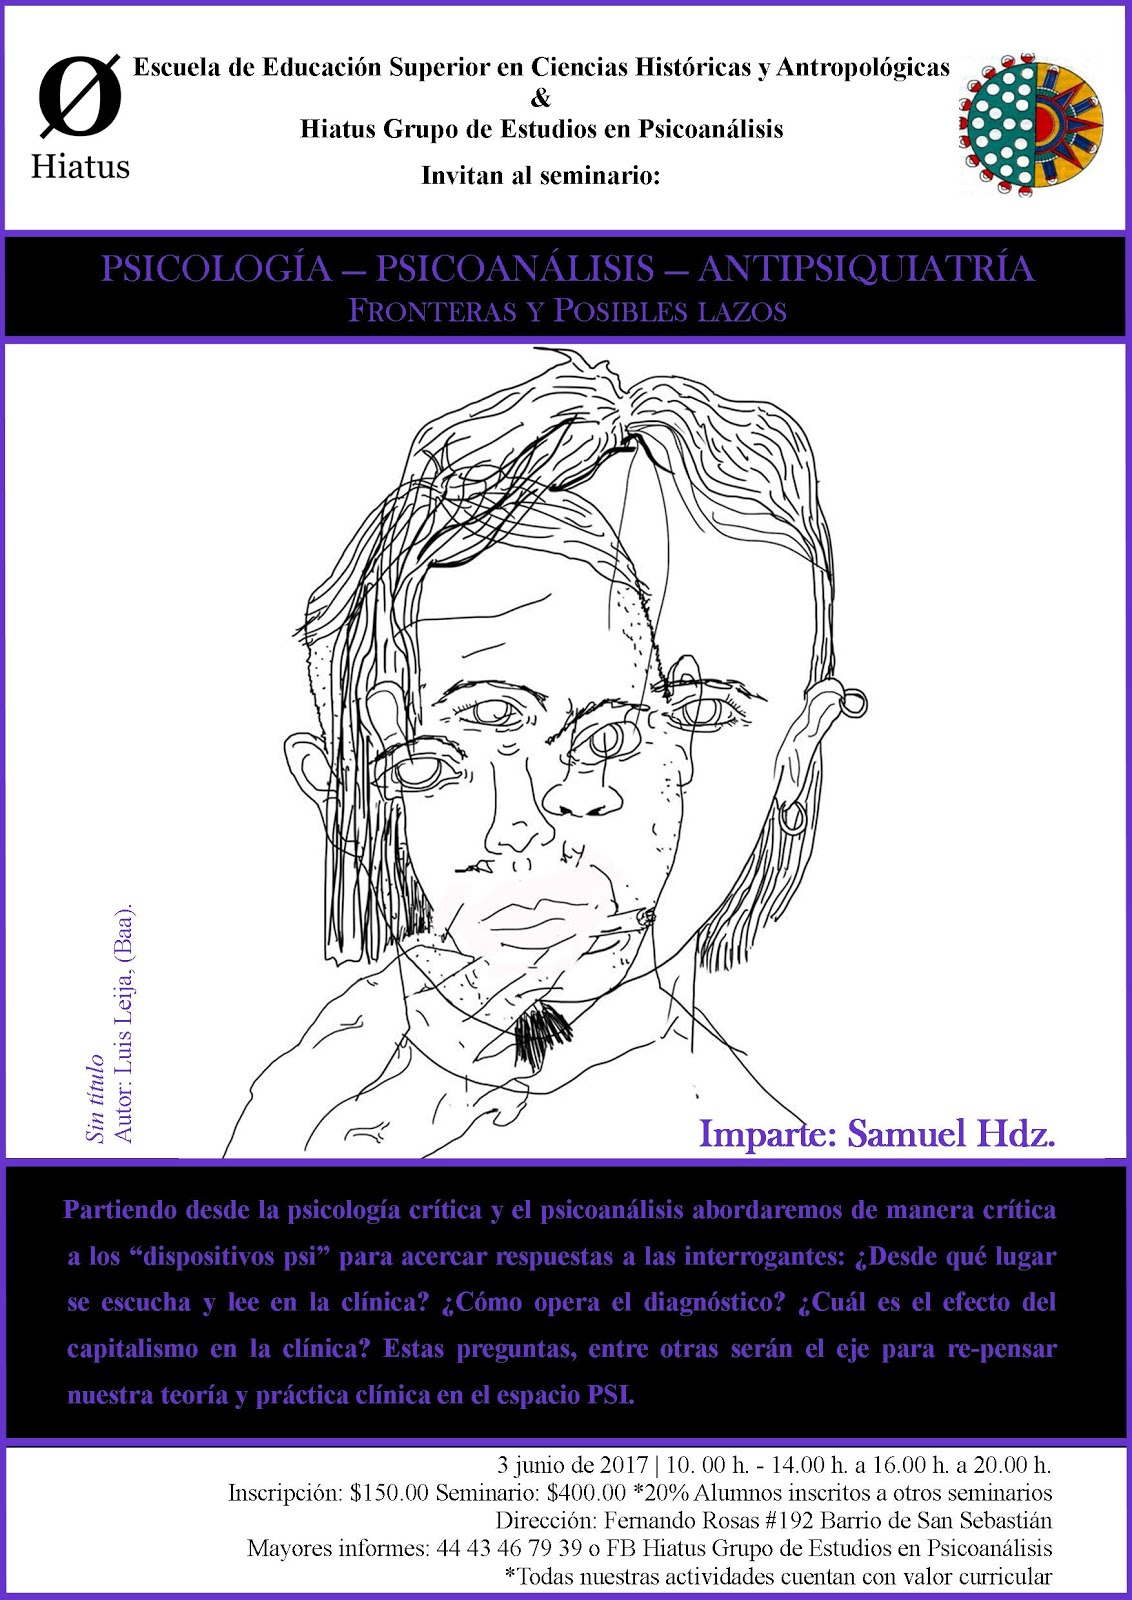 Psicología-Psicoanálisis-Antipsiquiatría